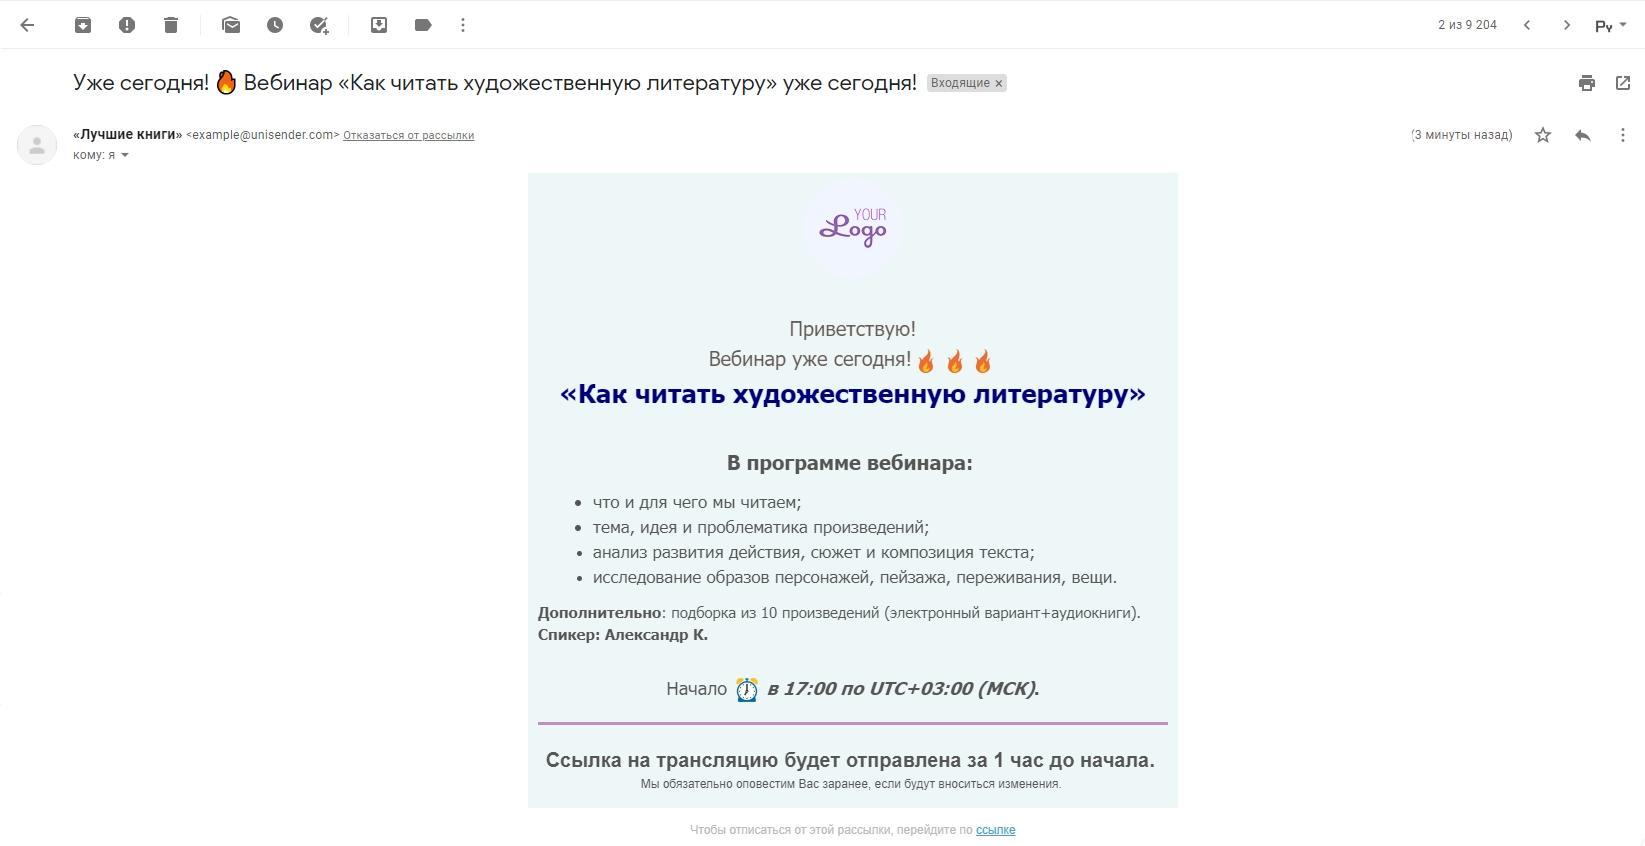 Пример второго письма для участников вебинара